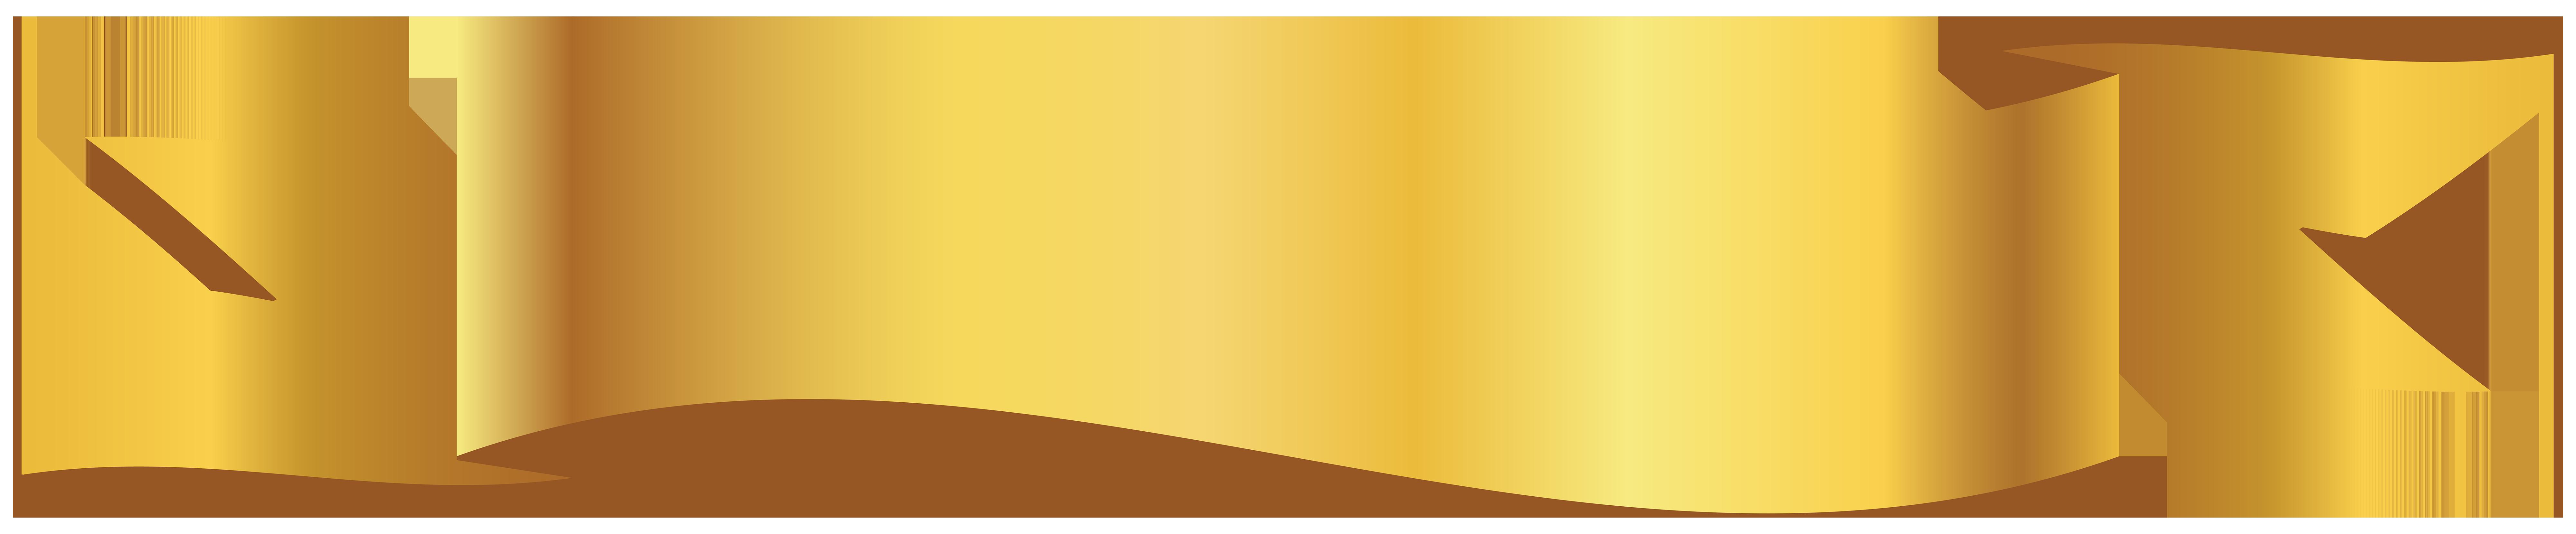 Banner PNG Clip Art Image.